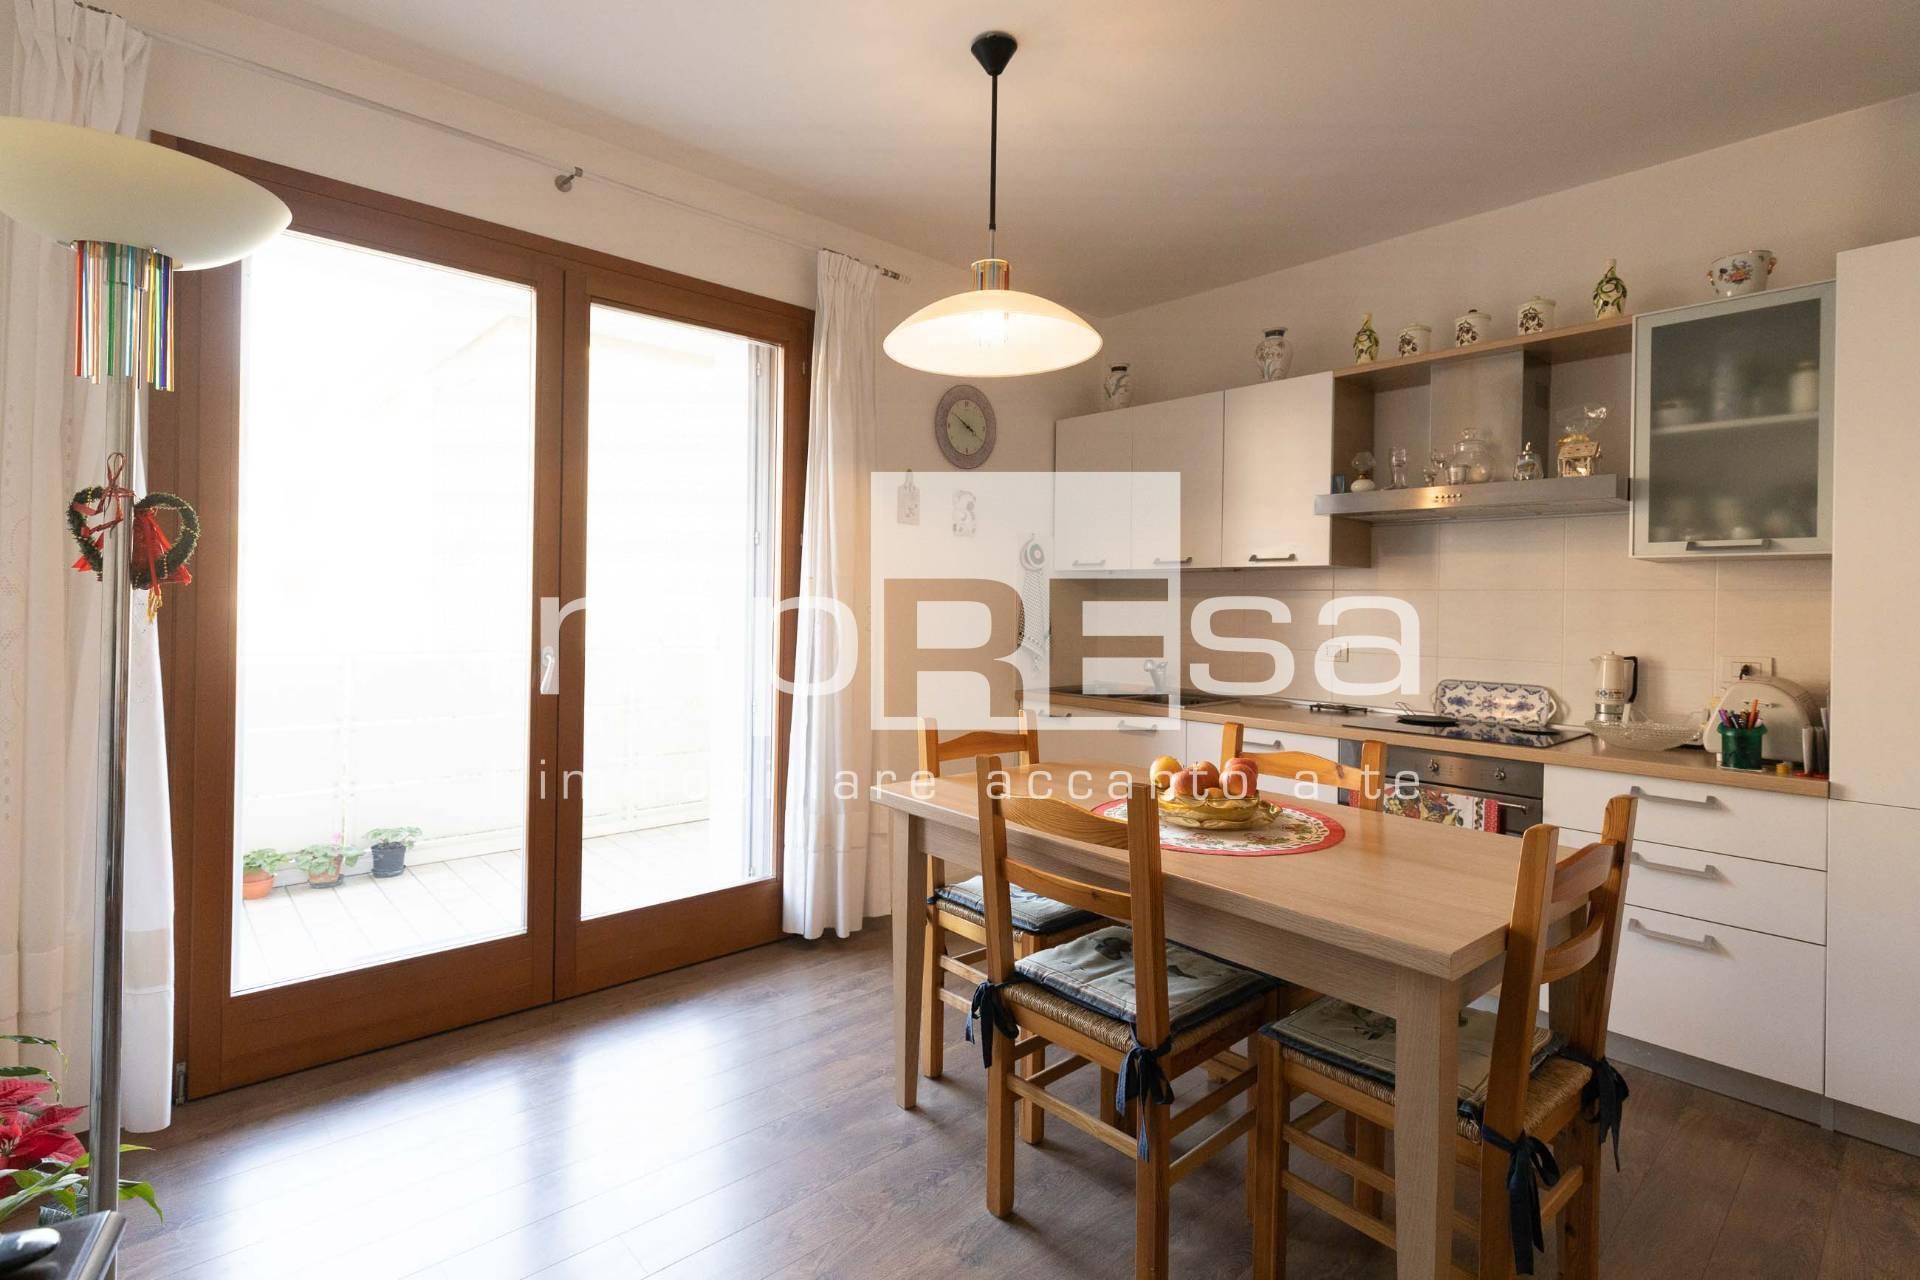 Appartamento in vendita a Silea, 3 locali, zona Località: Centro, prezzo € 150.000   CambioCasa.it